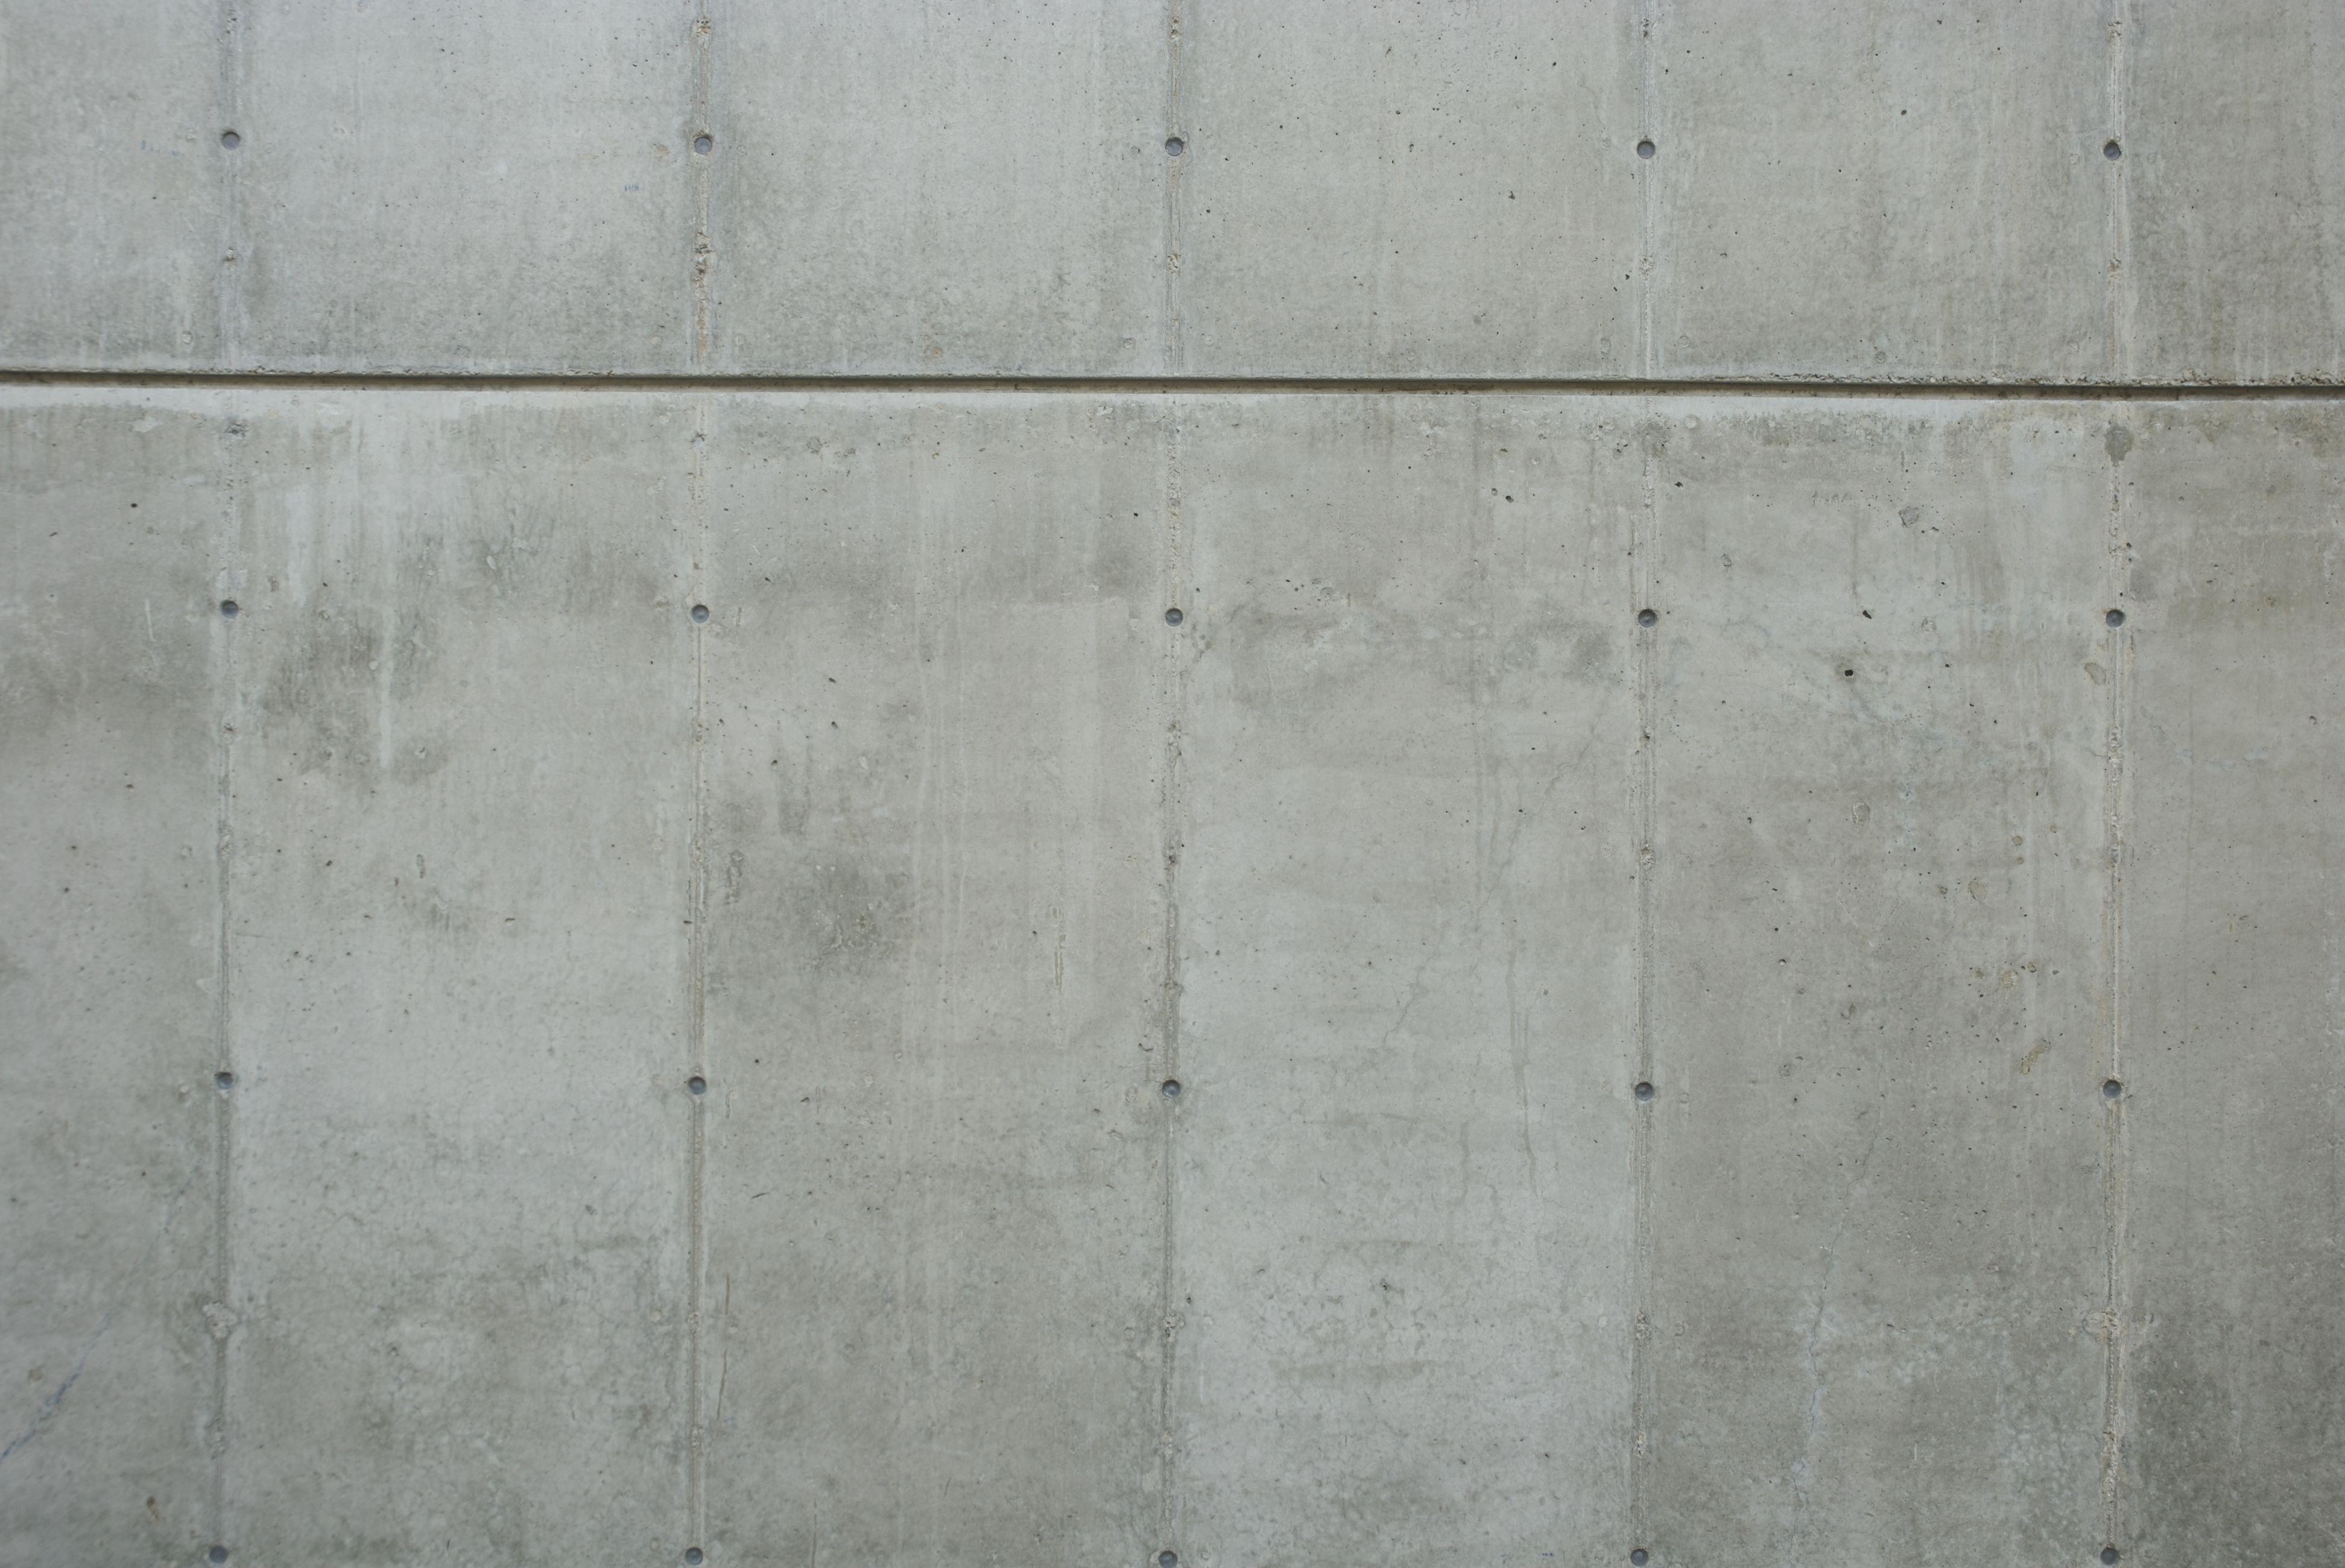 Fabricación paredes hormigón: Productos y servicios de Hormigones Herencia